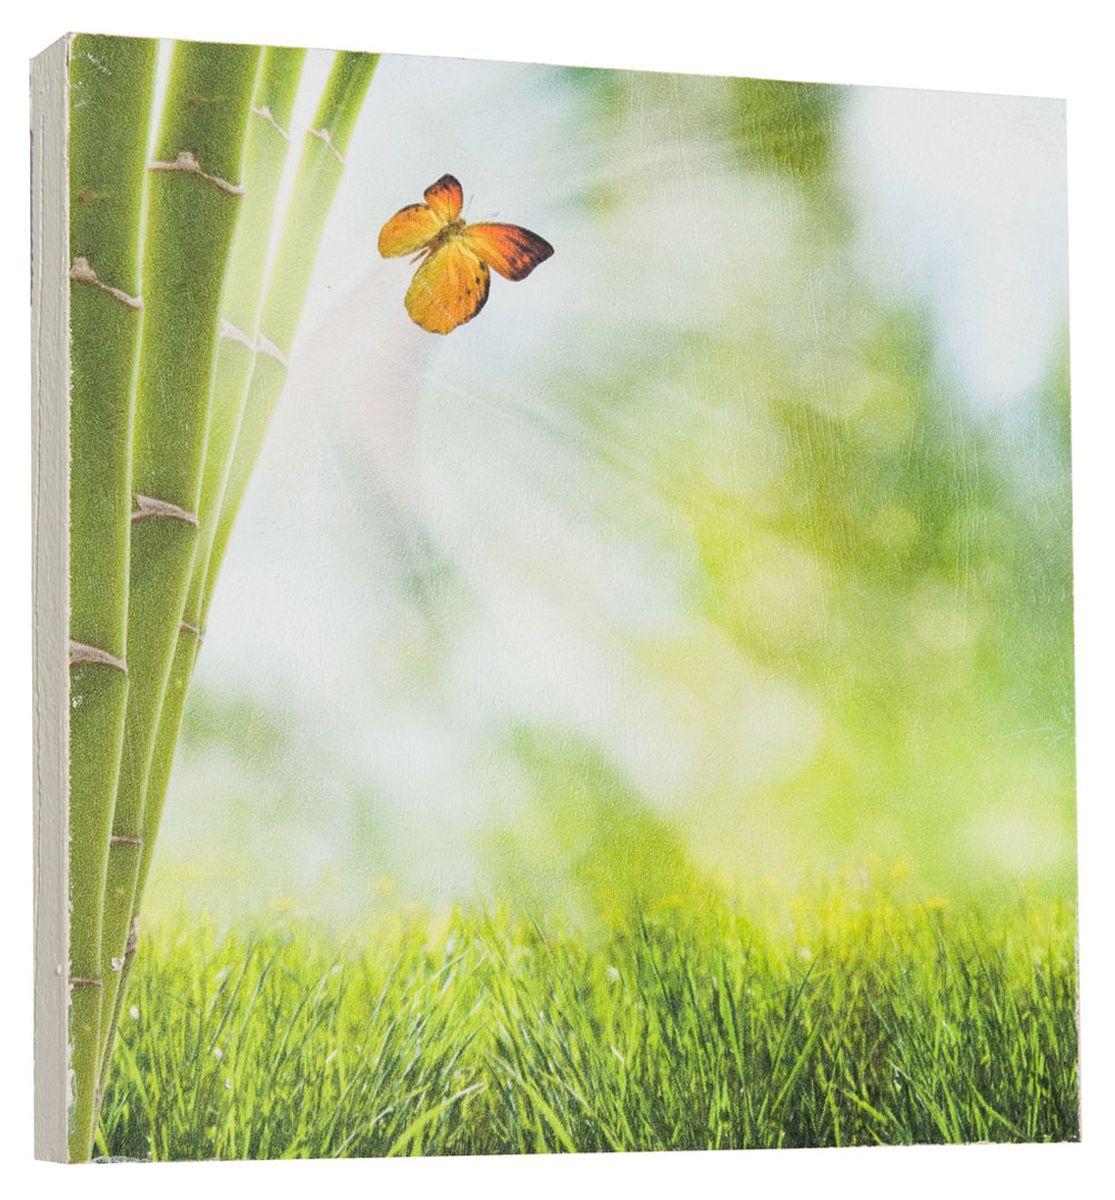 Картина Mister Poster Яркая бабочка на бамбуке, 22 х 22 см0266-22-22Картина Mister Poster - это высококачественная репродукция на деревянной раме. Лицевая поверхность имитирует штукатурку или натуральный холст, края окрашены вручную специальным декоративным составом.Современные технологии, уникальное оборудование и оригинальные чернила, используемые при изготовлении, делают постер устойчивым к выцветанию, а также гарантируют стойкость к воздействию негативных внешних факторов. Интерьер дома и офиса, в котором находится человек, в значительной степени влияет на его настроение и работоспособность. Правильное оформление интерьера создает благоприятный психологический климат, улучшает настроение и мотивирует. Добавьте «красок» в ваш интерьер и, возможно, в вашу жизнь.